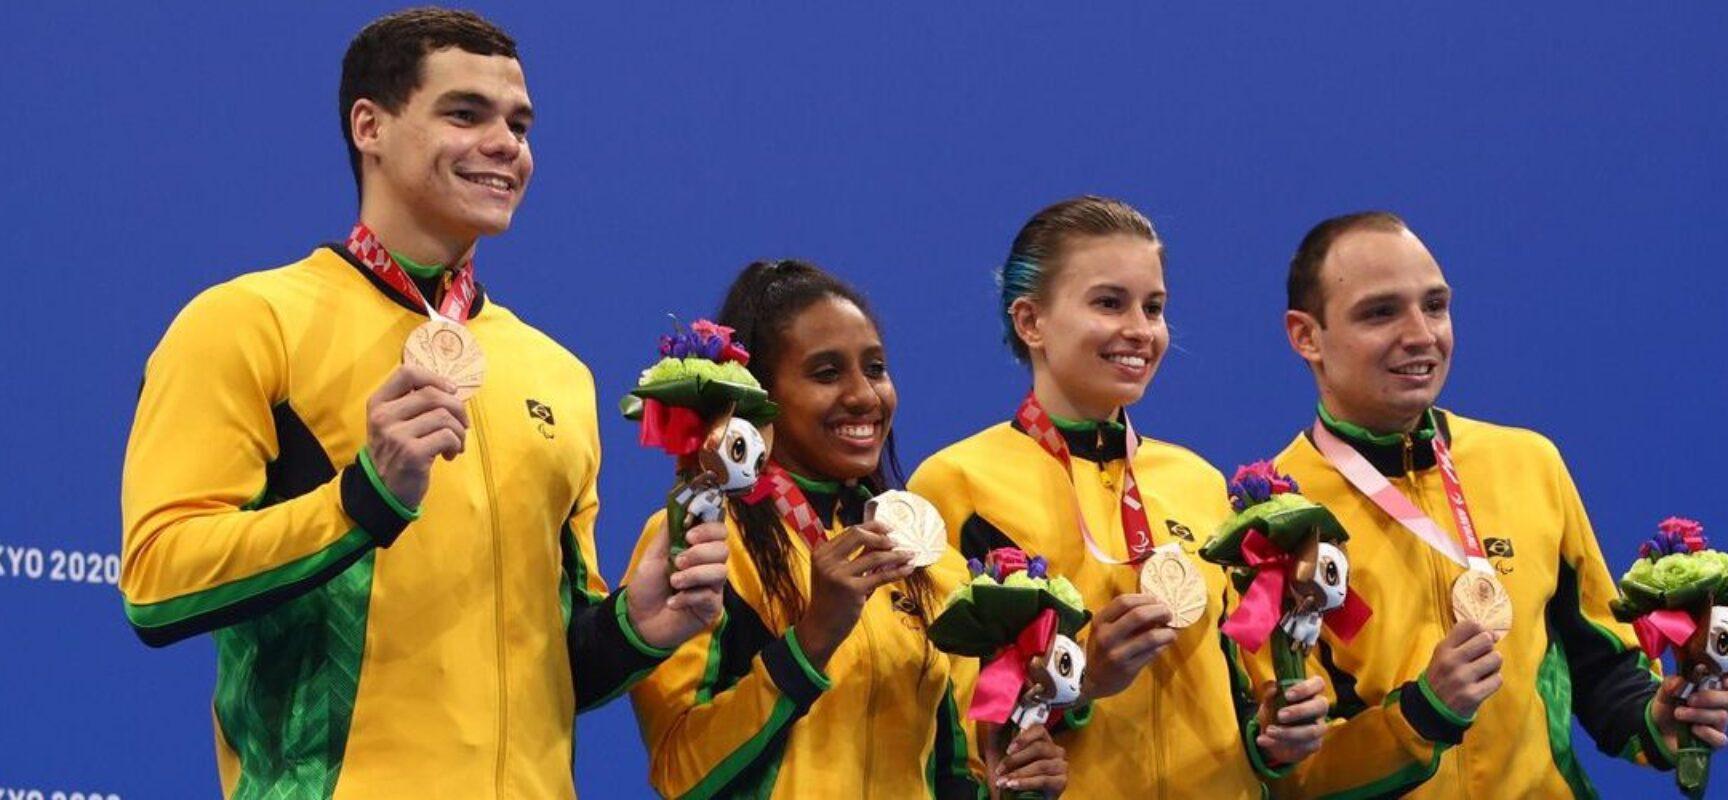 Natação brasileira leva mais um bronze em Tóquio